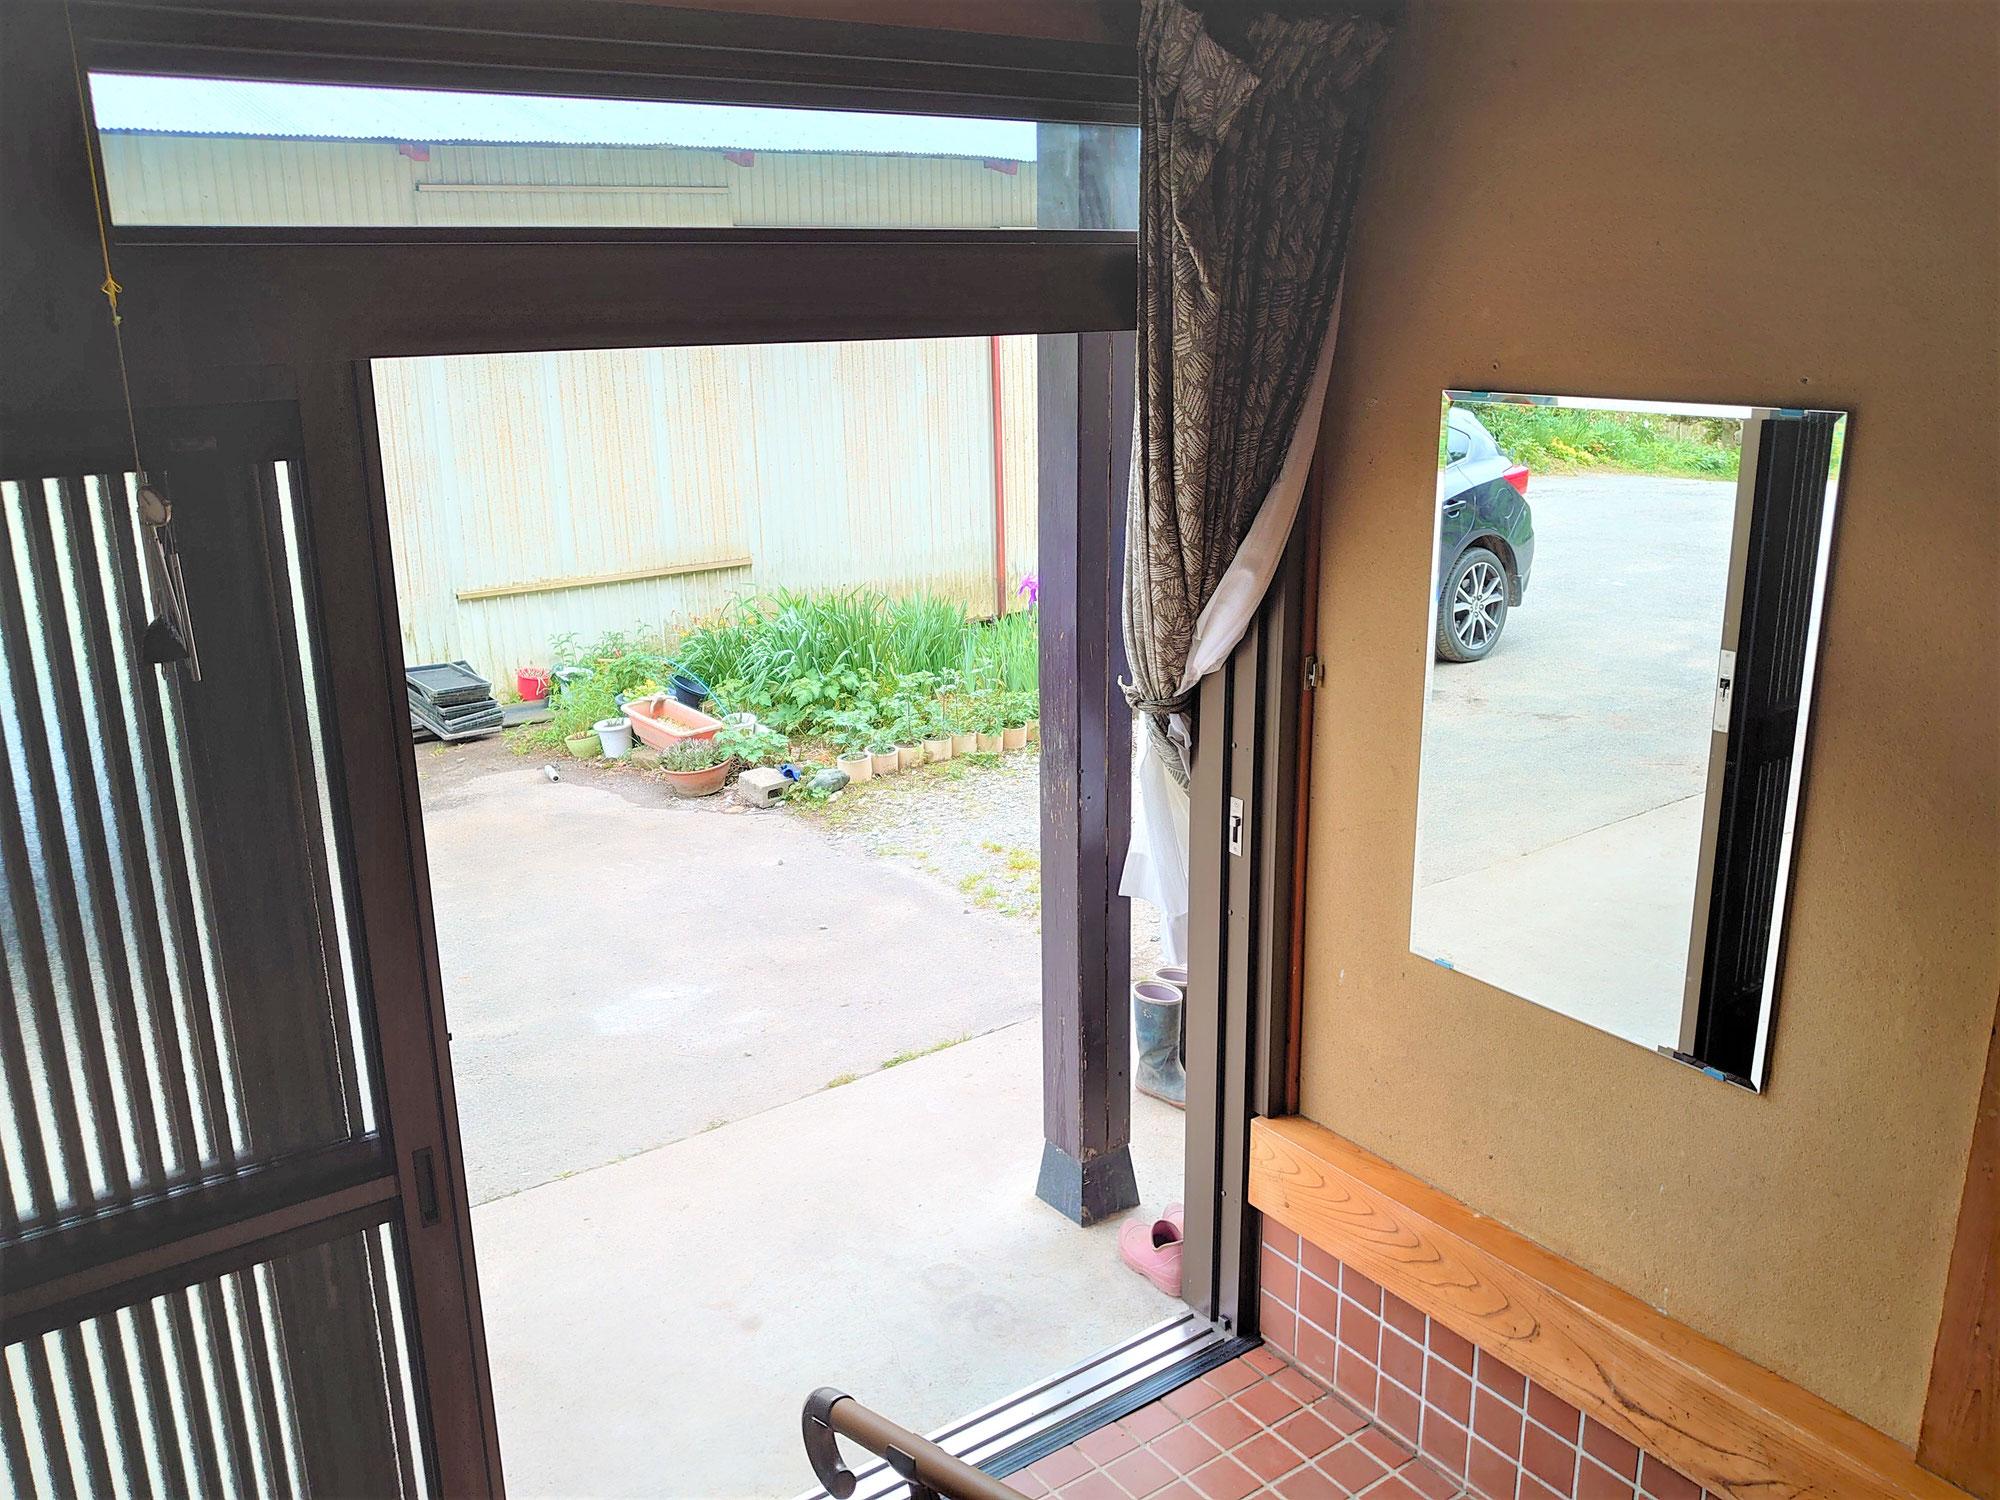 姿見鏡で玄関にアクセントを